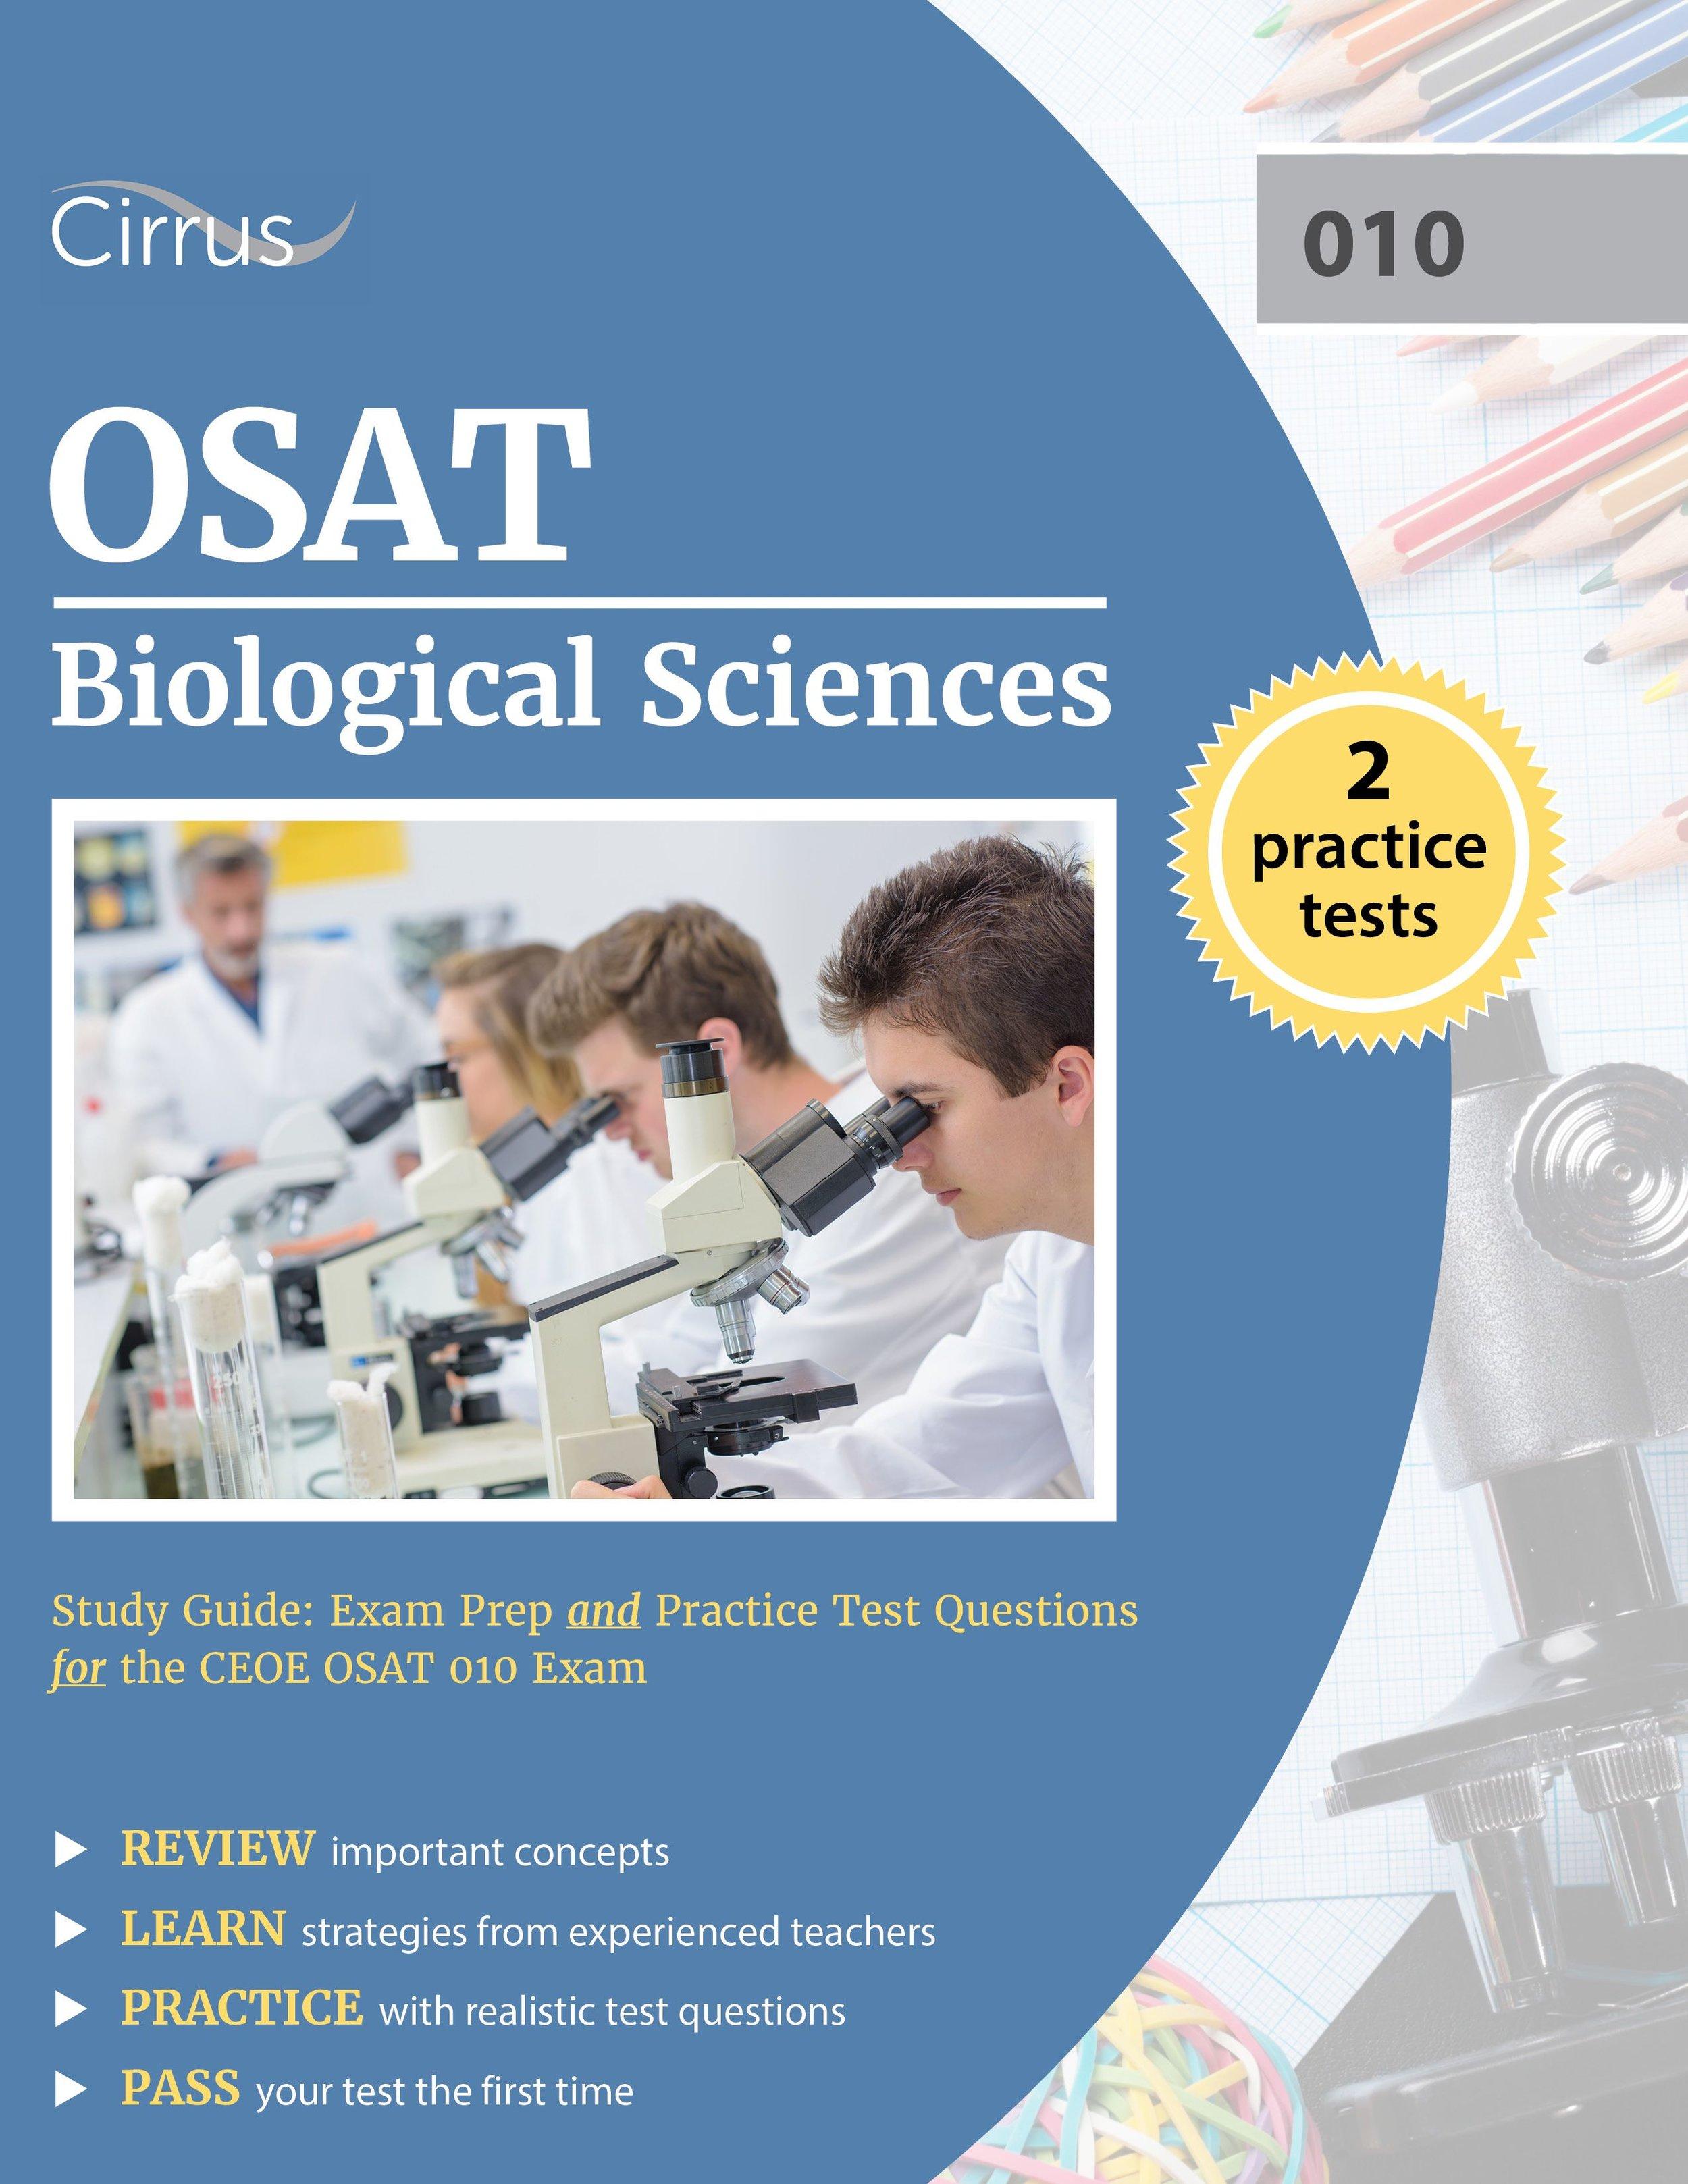 OSAT_biology_cover_website-compressor.jpg